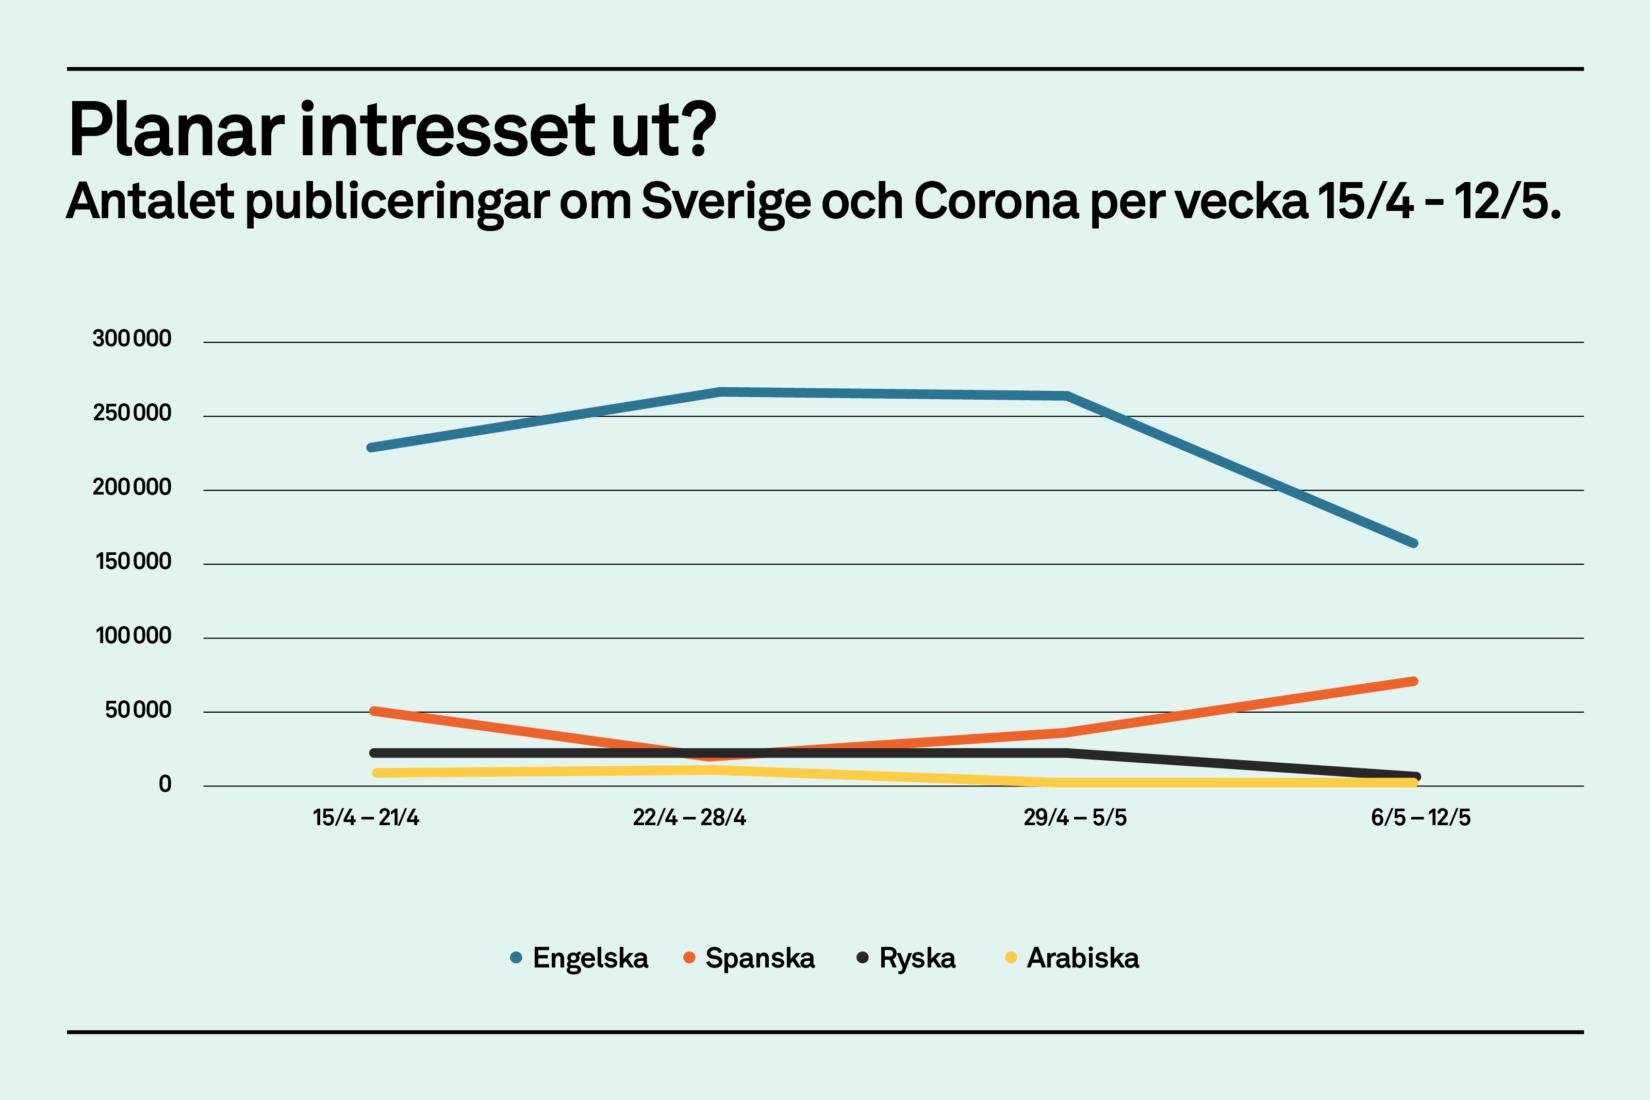 Antal nyhetsartiklar och inlägg på sociala medier, bloggar, formum ochandra digitala plattformar om Sverige och Corona per vecka 15/4 - 12/5